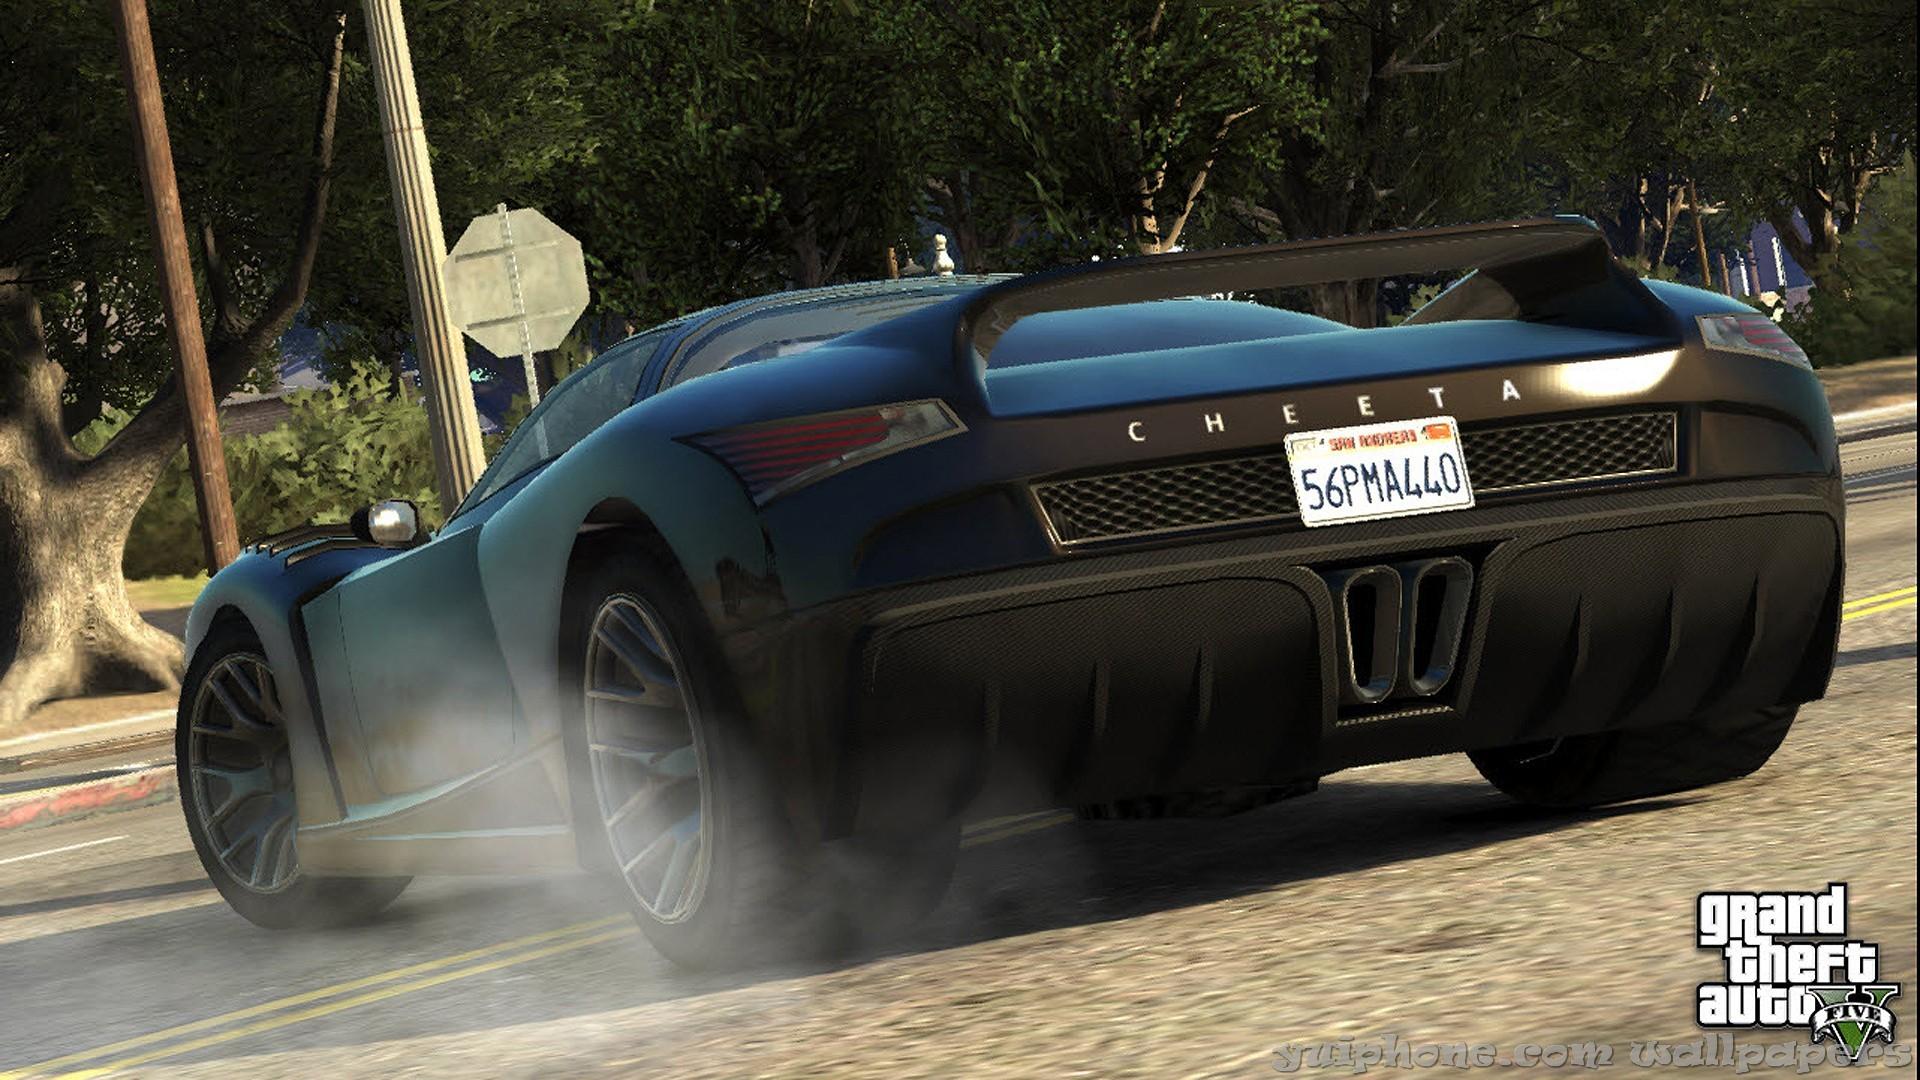 Fond D Ecran Jeux Video Vehicule Grand Theft Auto V